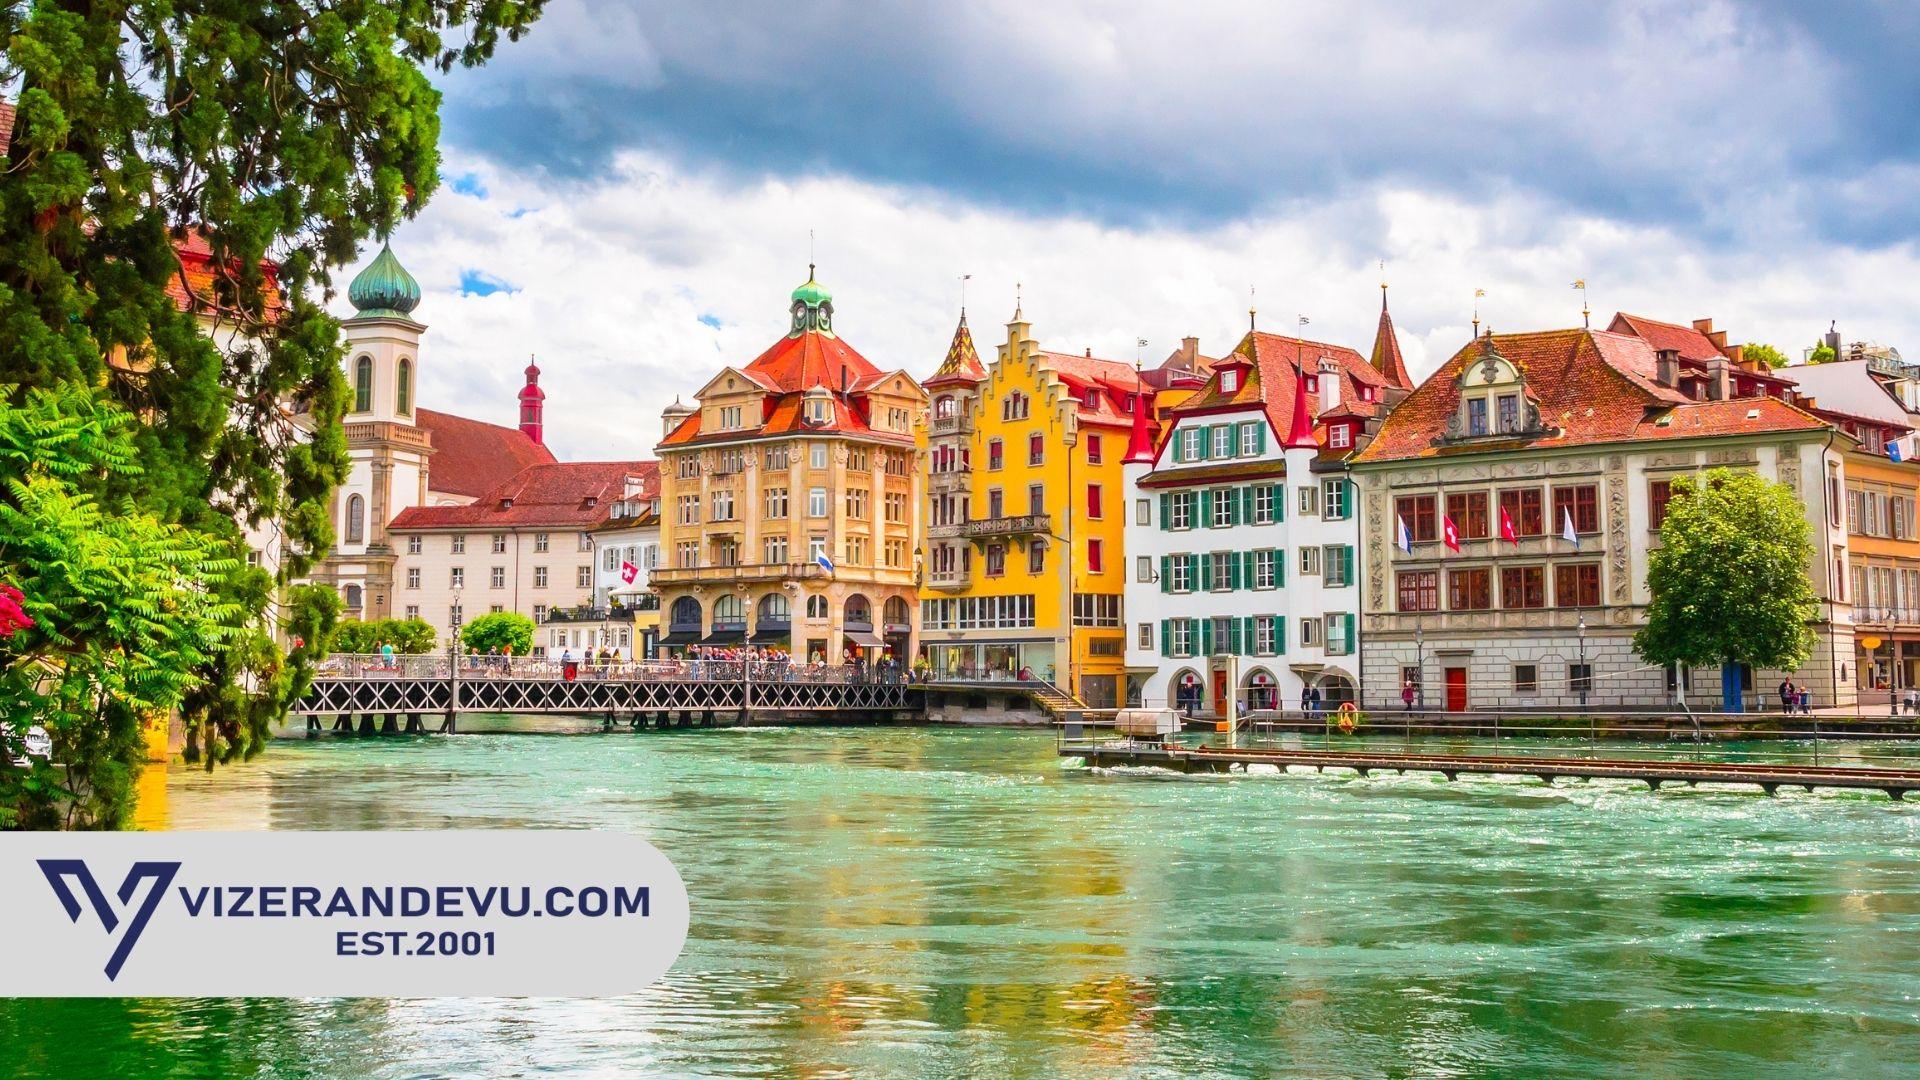 İsviçre Oturum ve Vatandaşlık Başvurusu